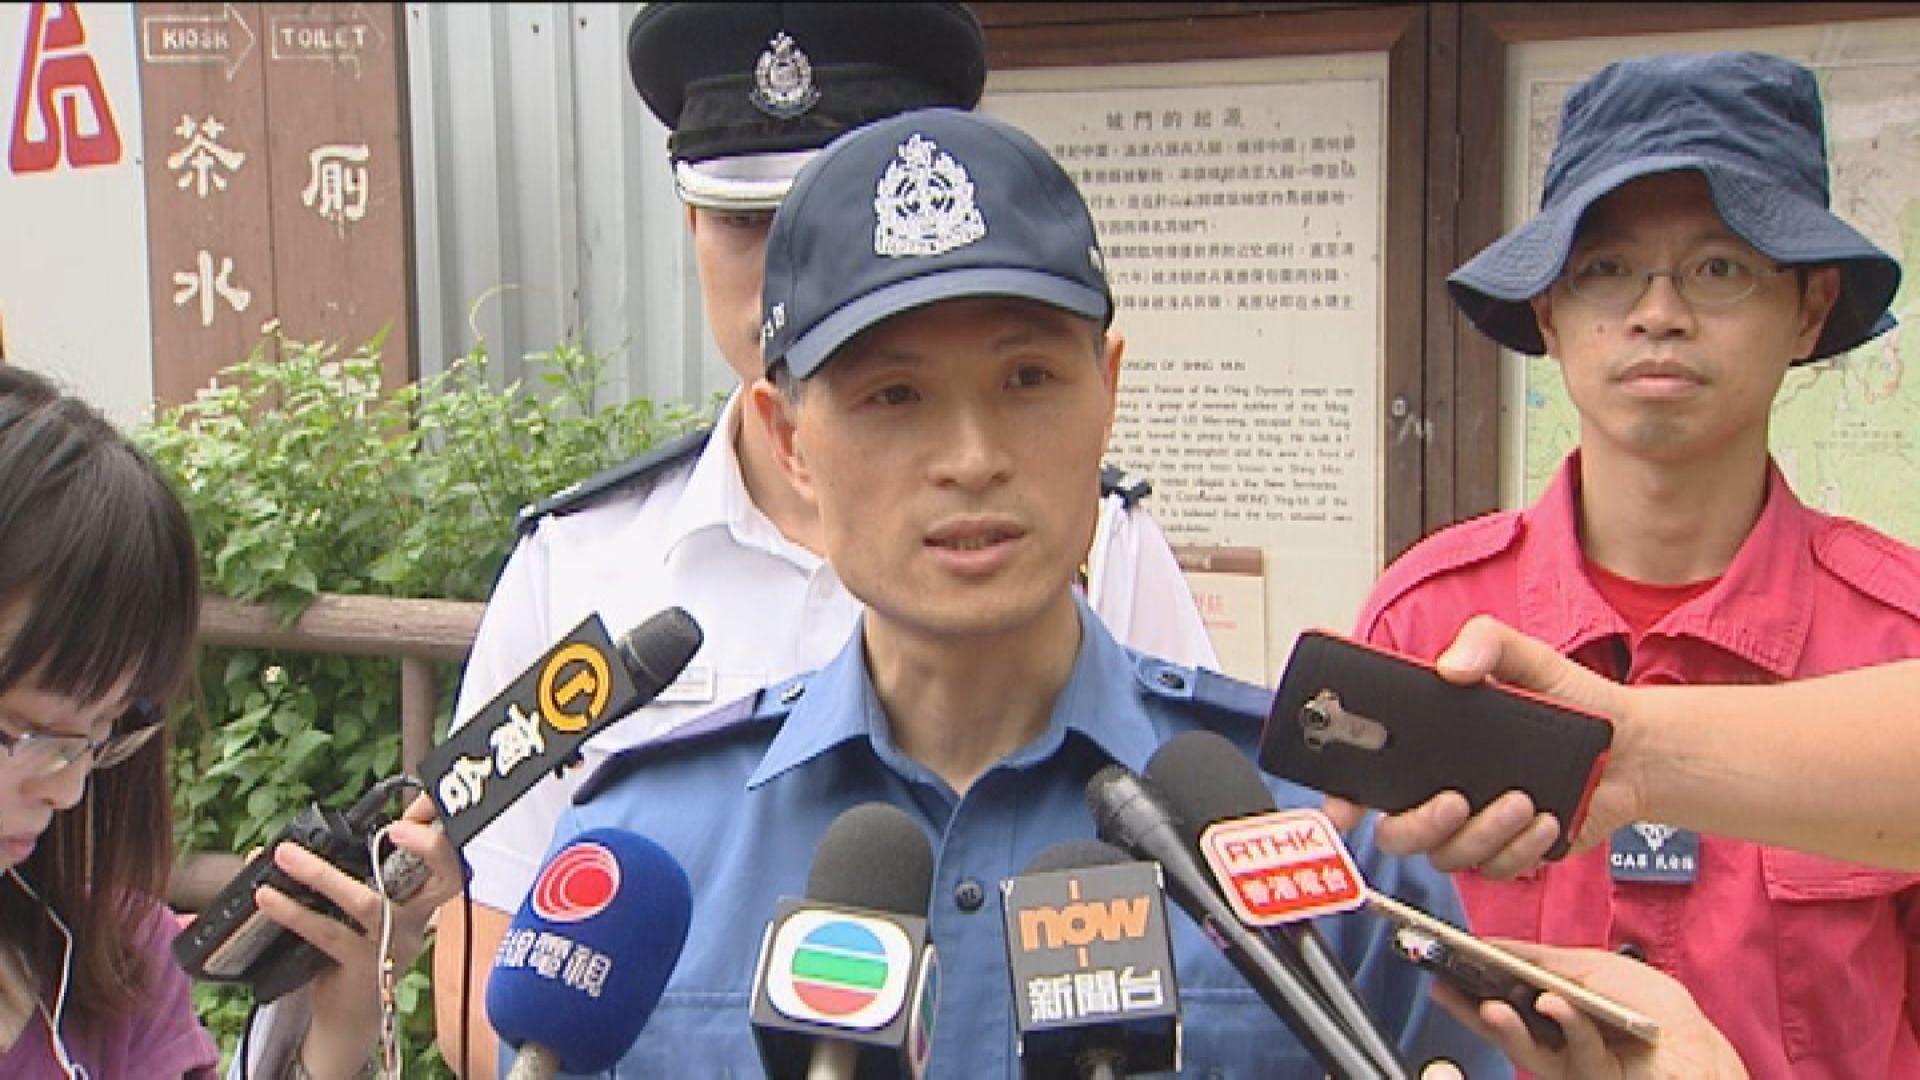 梁國柱:警員分隔雙方避免言語衝突